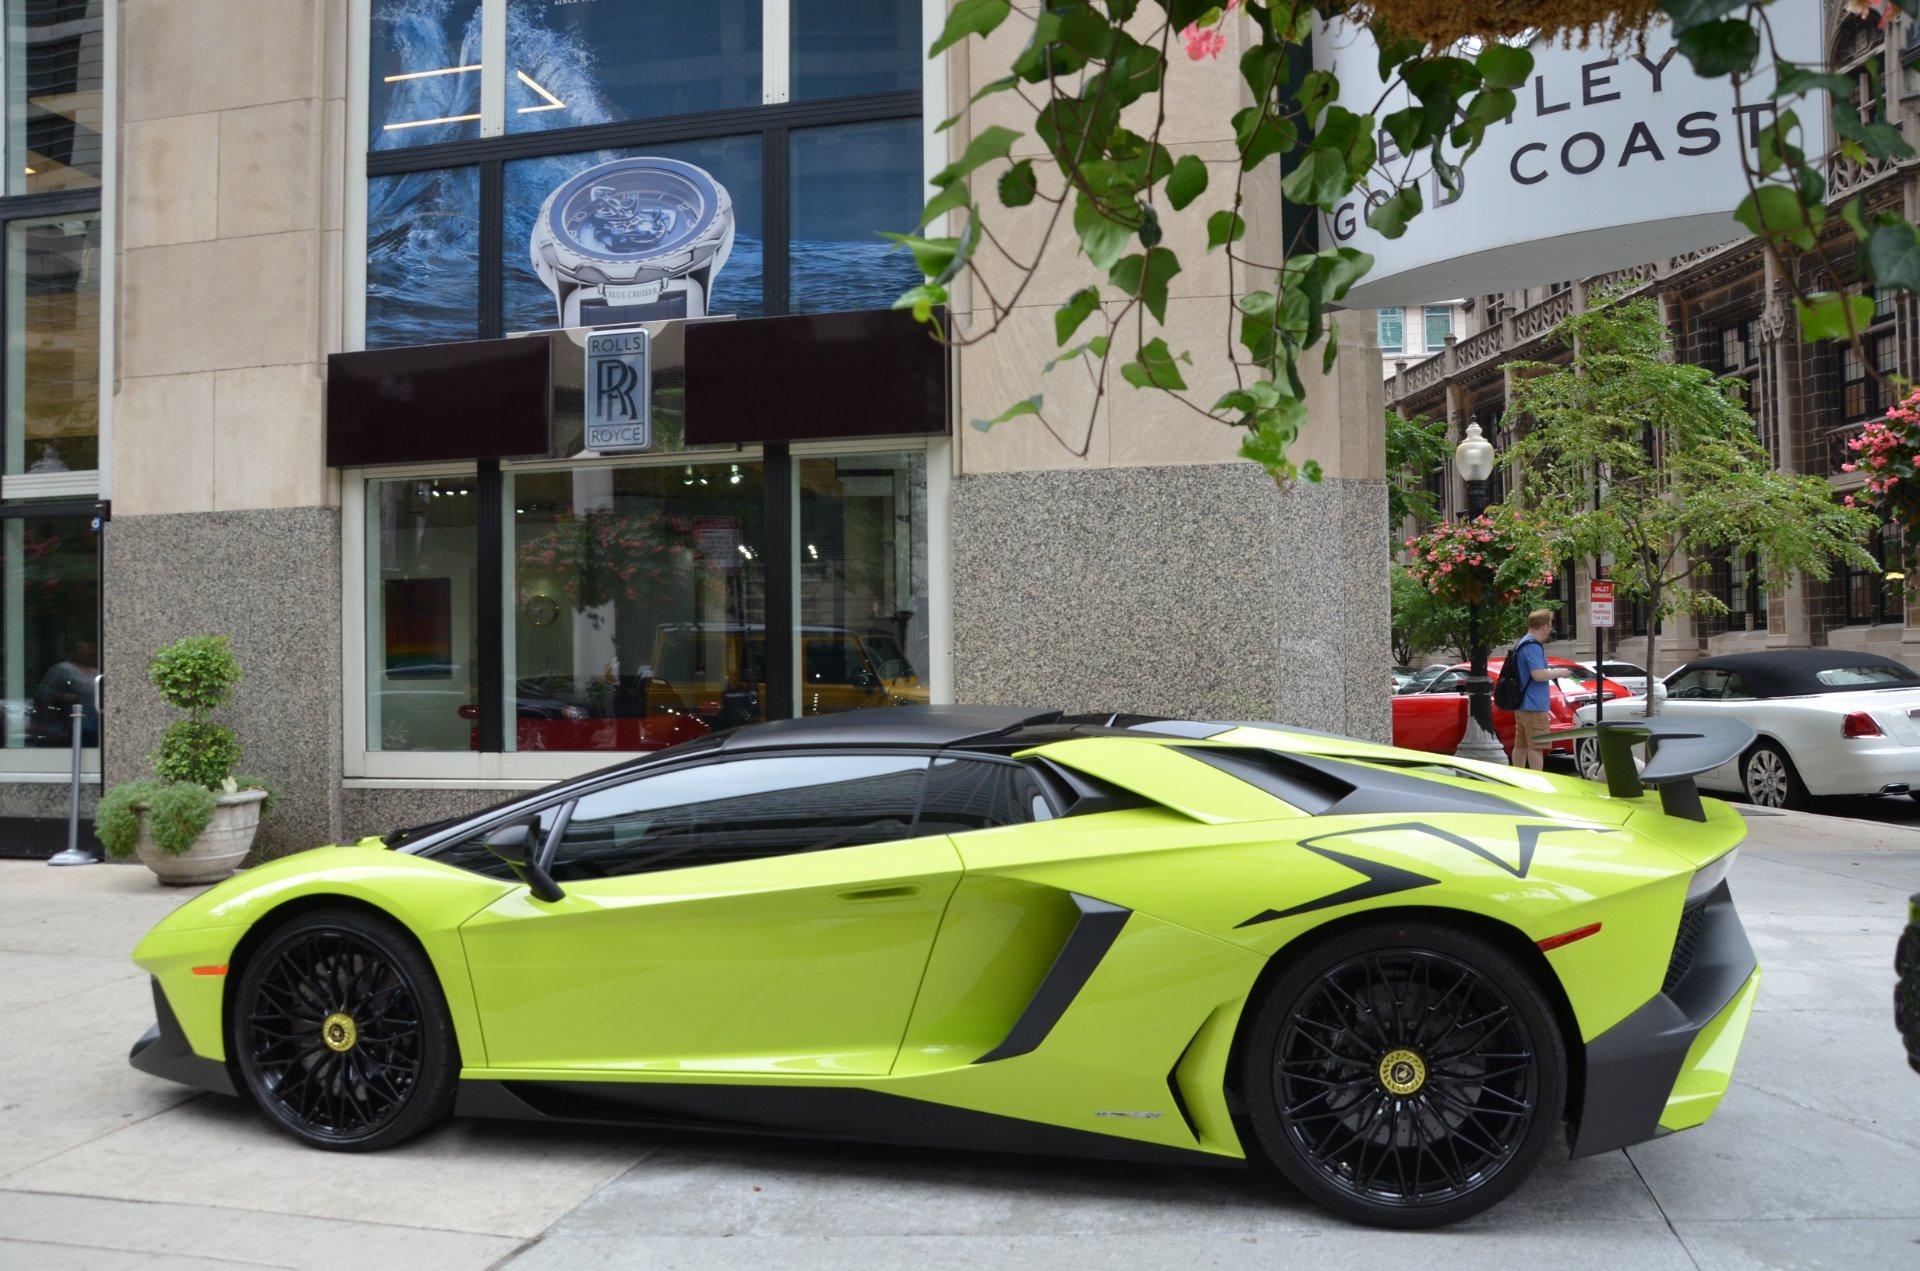 2016 Lamborghini Aventador Sv Roadster Lp 750 4 Sv Roadster Stock Gc Mir210 For Sale Near Chicago Il Il Lamborghini Dealer